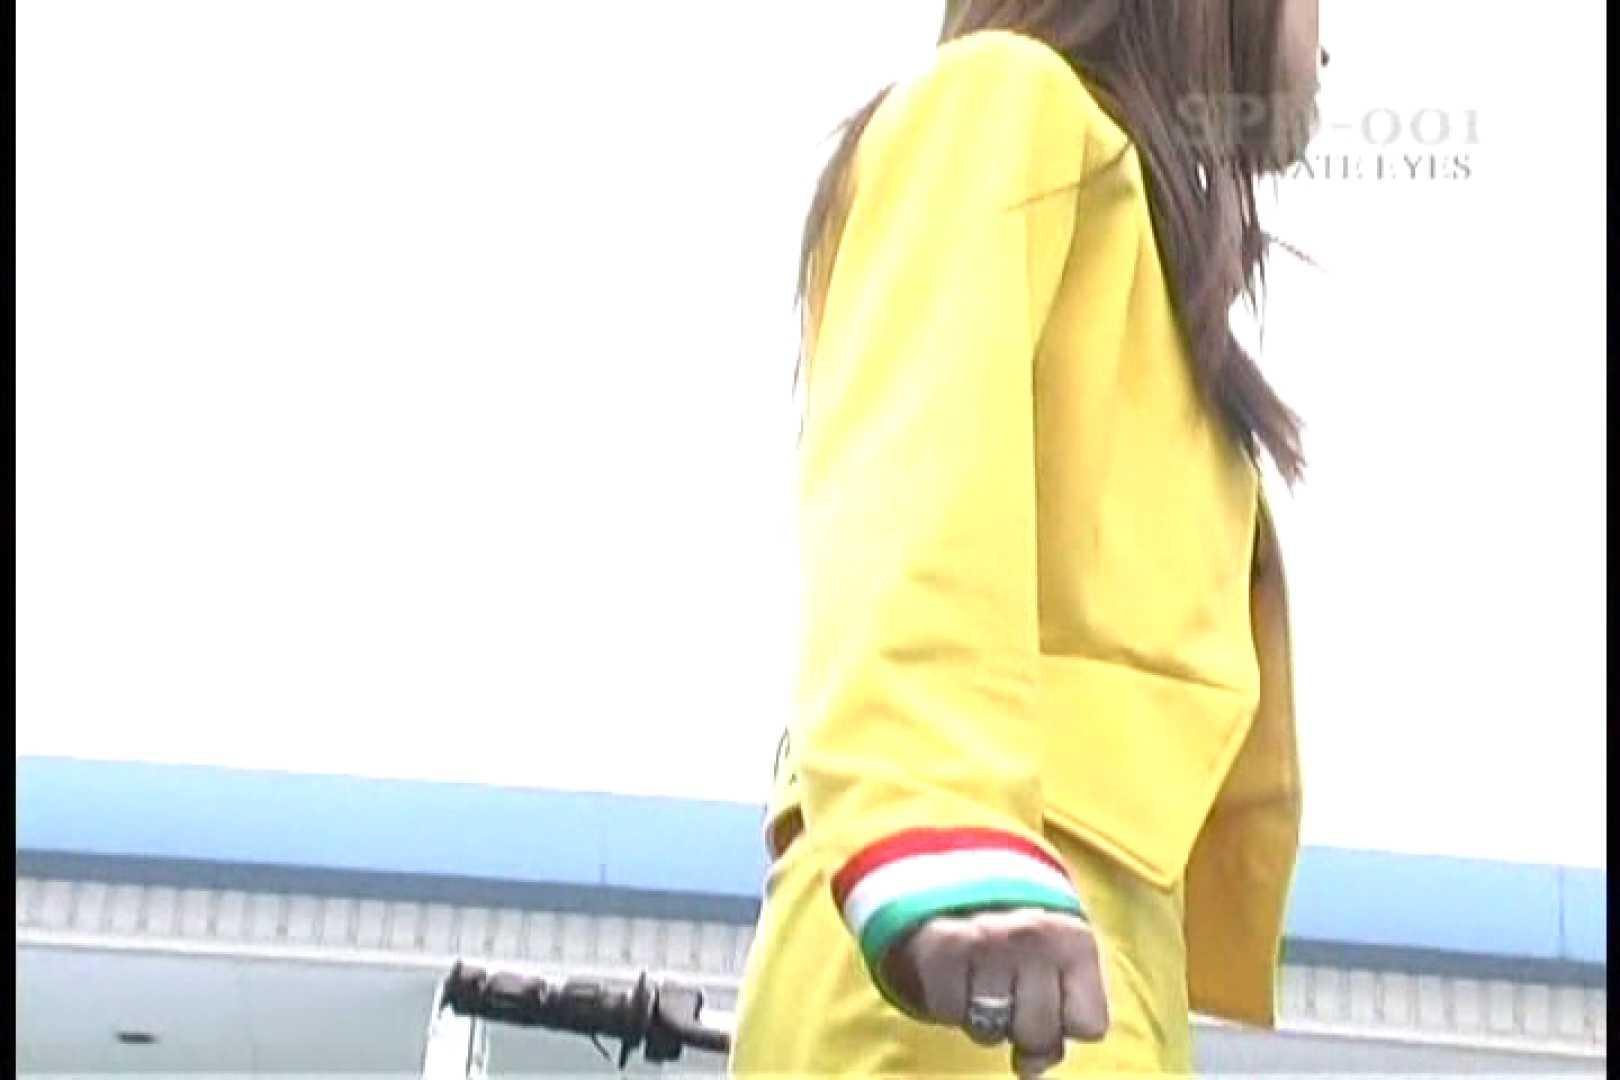 高画質版!SPD-001 サーキットの女神達 Vol.00 プライベート AV無料動画キャプチャ 109PIX 98